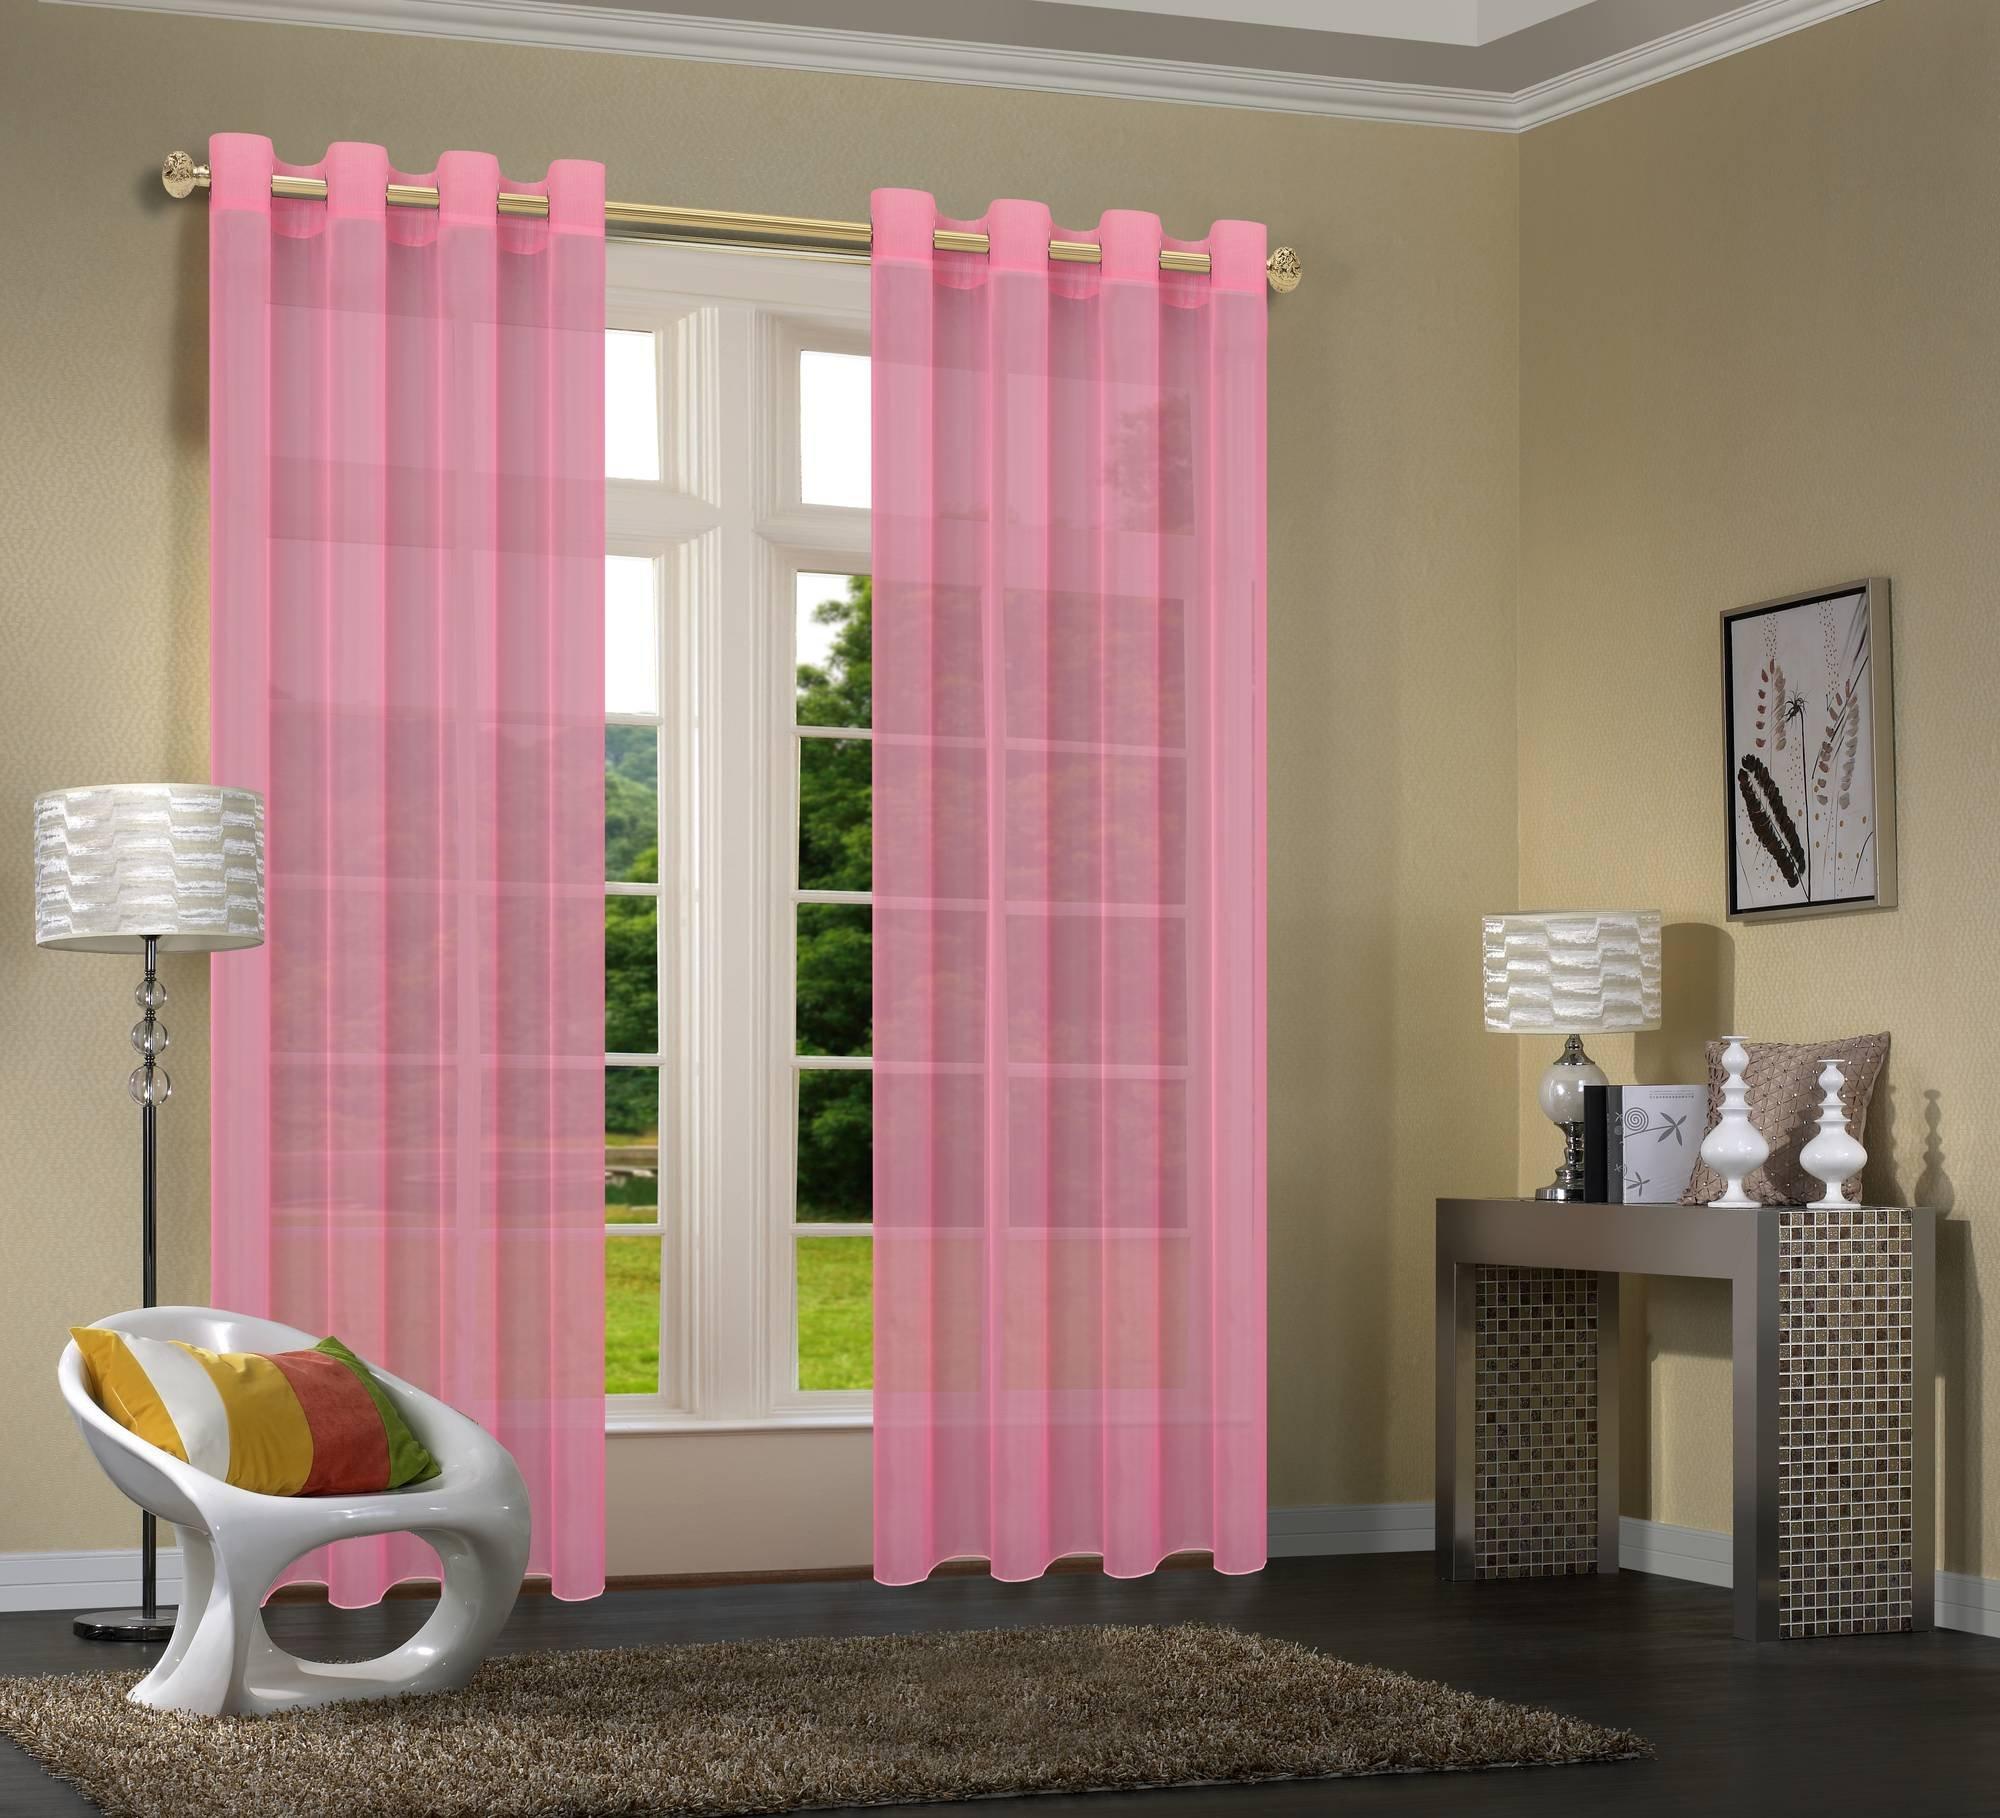 db38d1c436912a Primavera -20332CN- 2er-Pack Rosa Vorhang Transparent Gardinen Set  Wohnzimmer Voile Vorhang Ösenvorhang